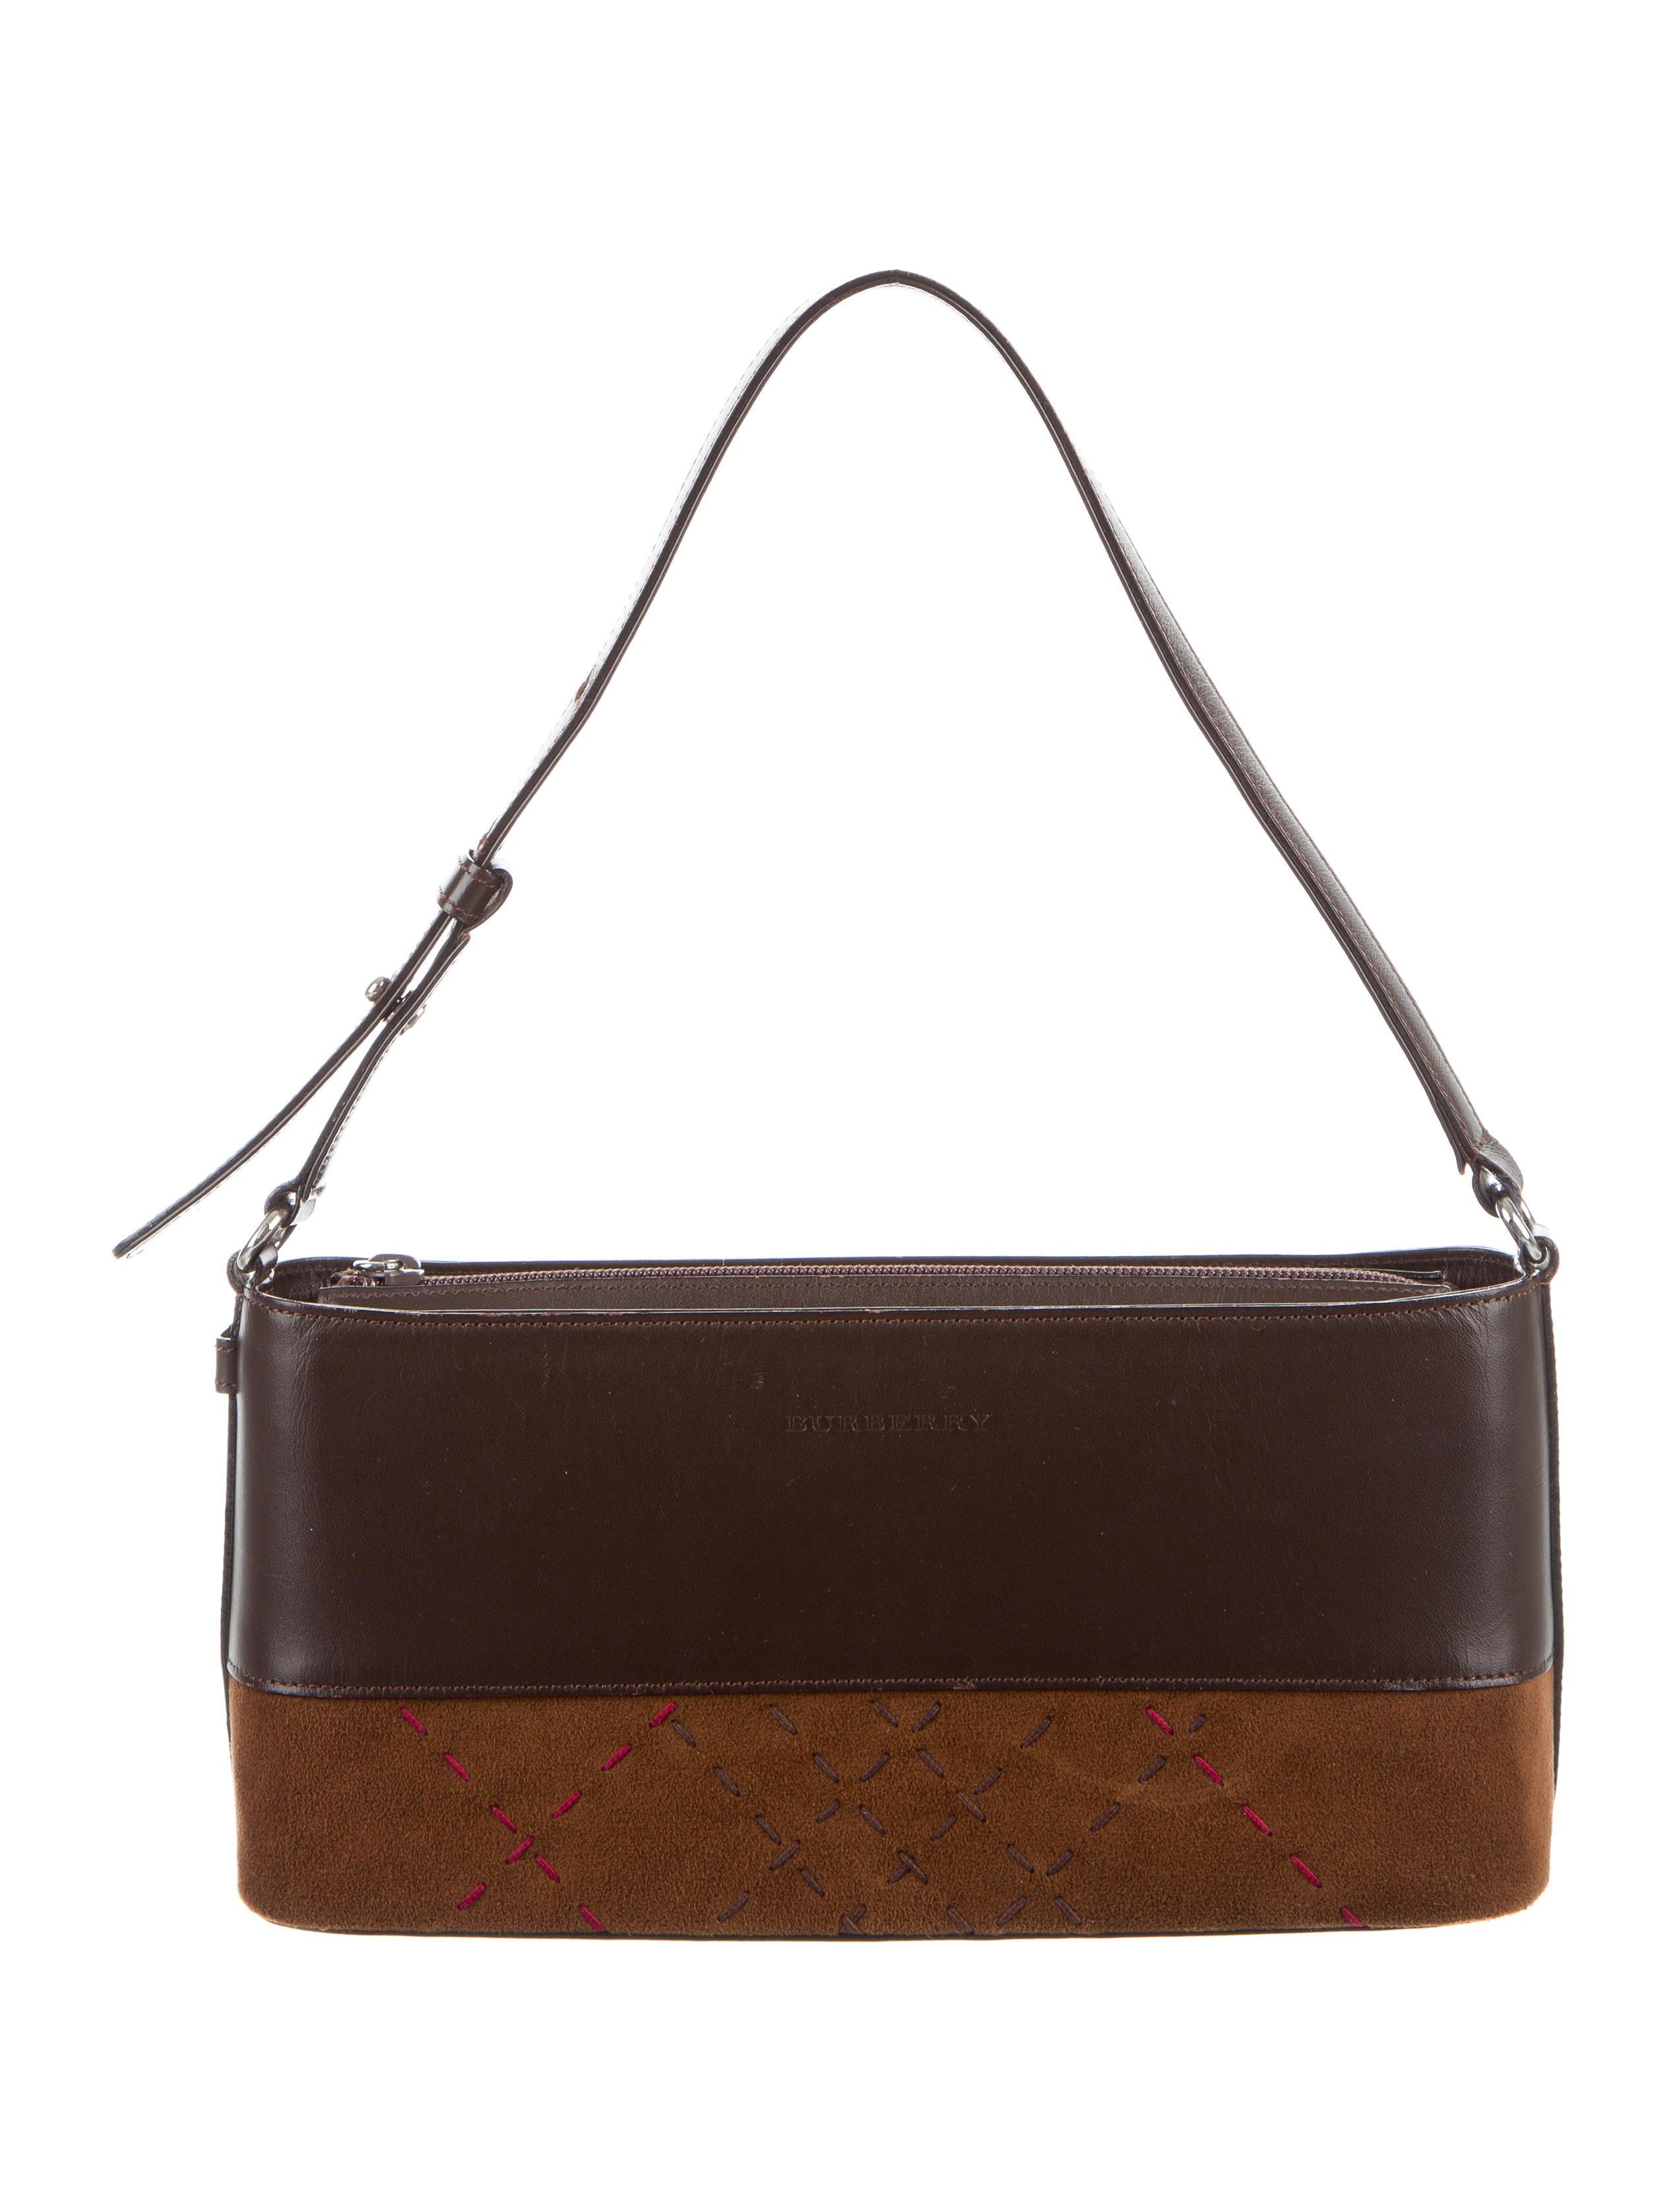 e11f4e676292 Burberry London Leather   Suede Shoulder Bag - Handbags - WBURL24986 ...